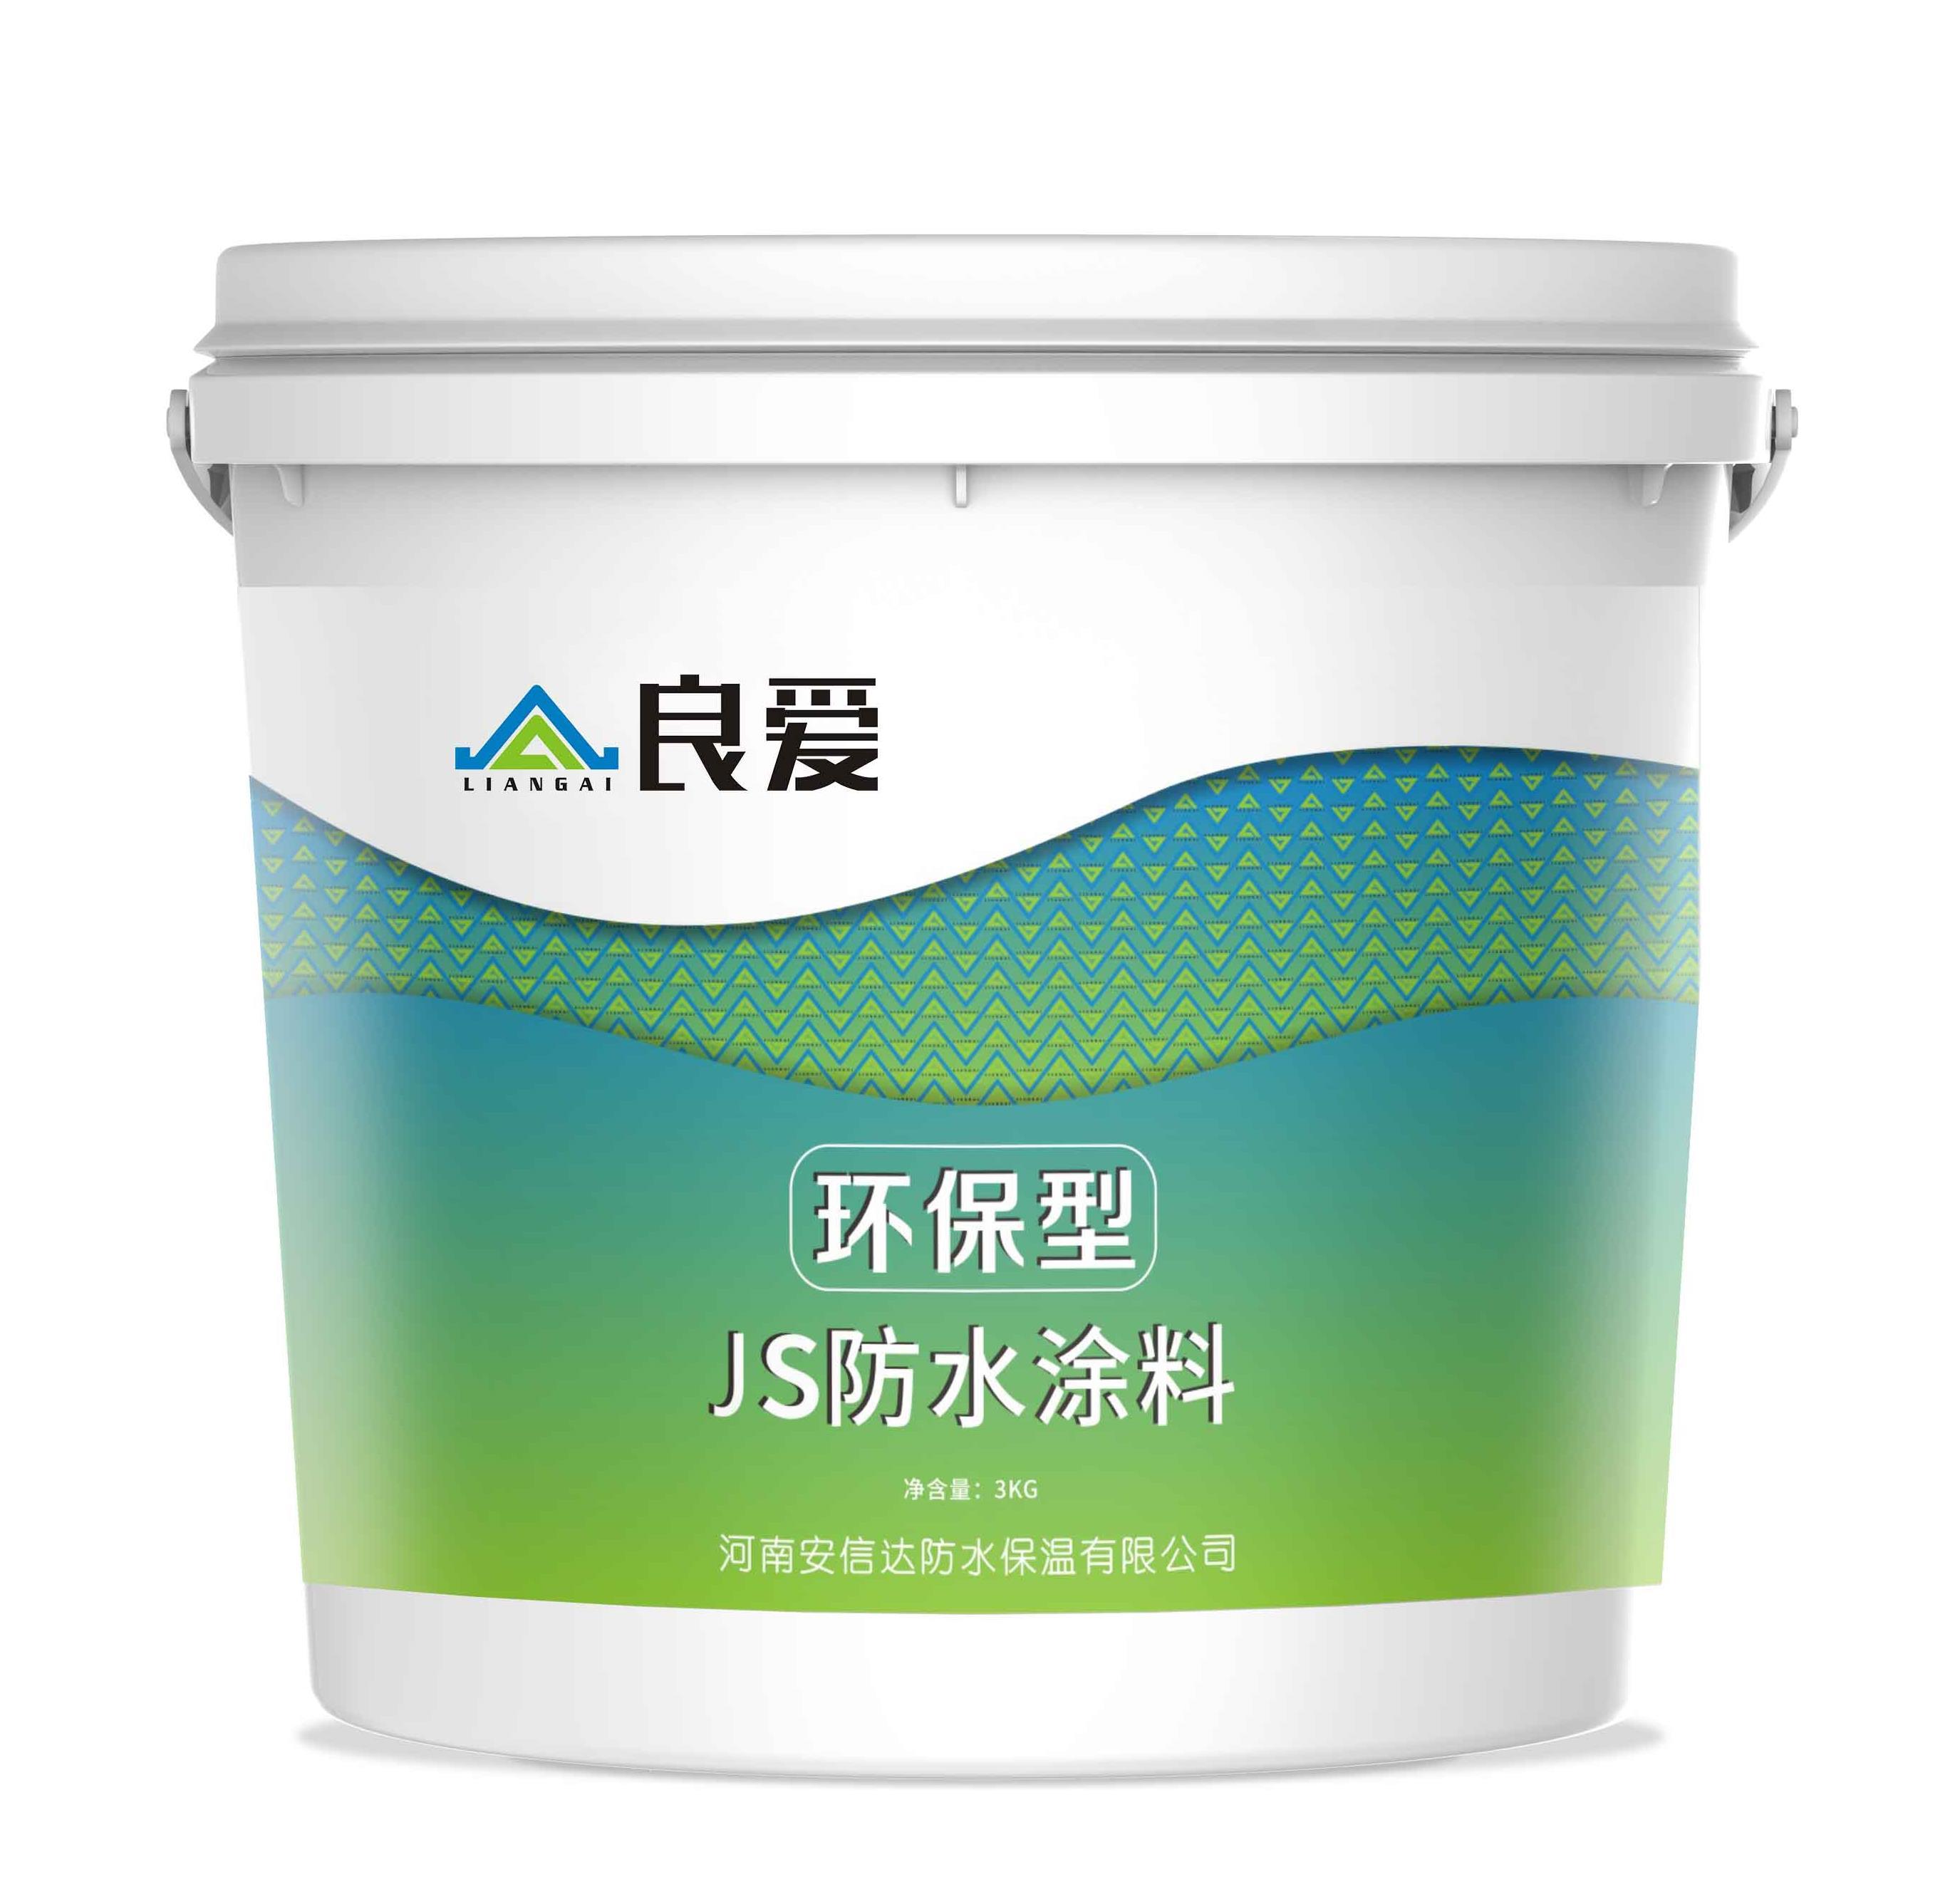 良爱牌JS防水涂料